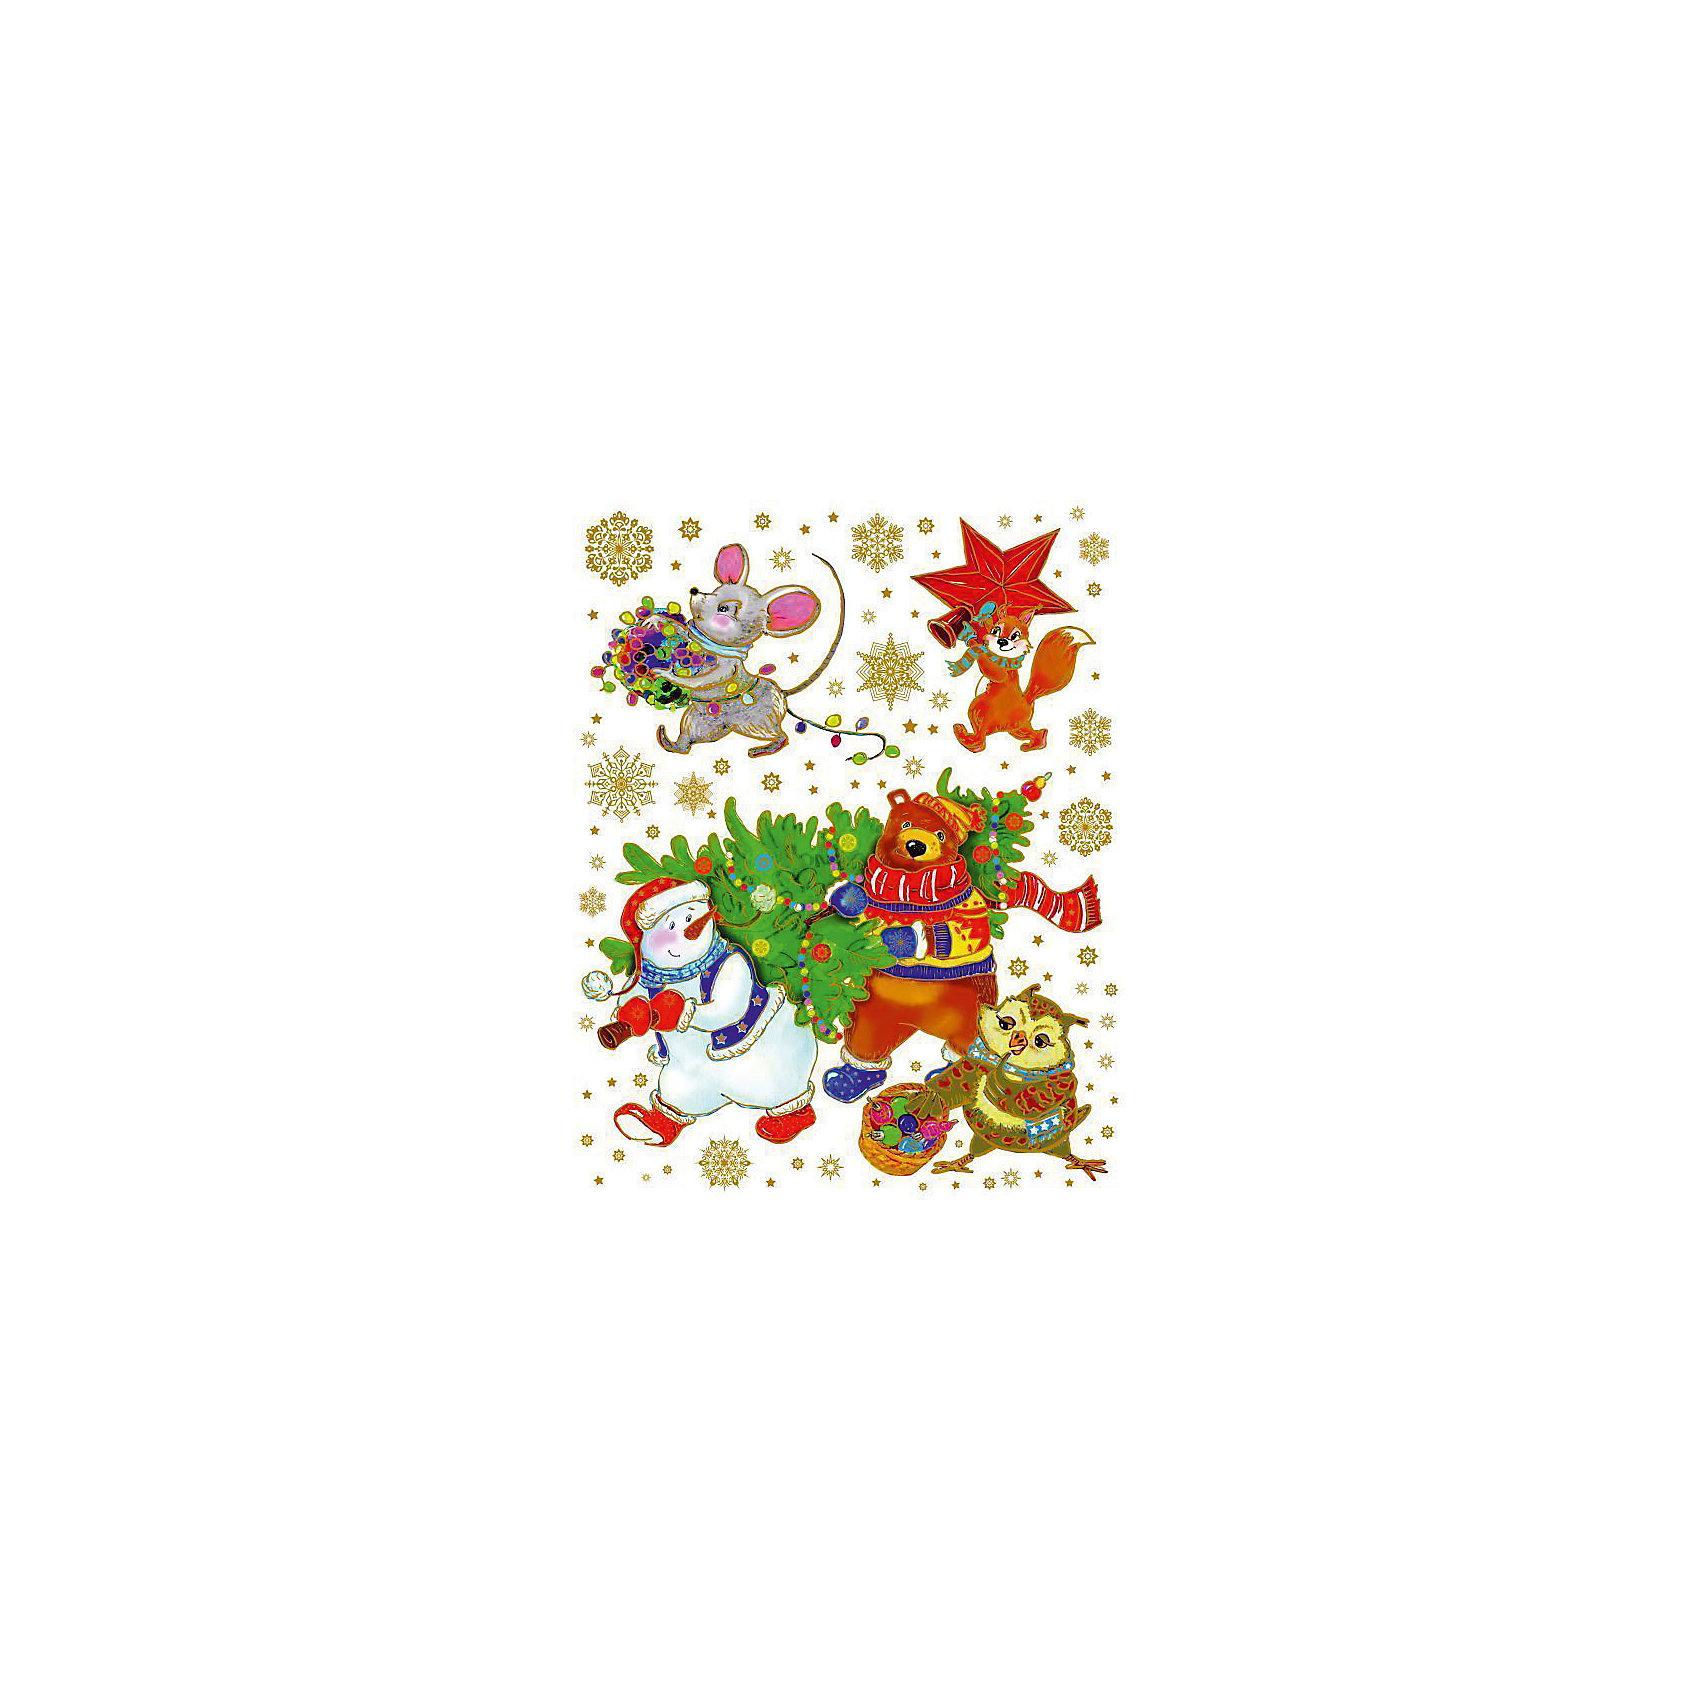 Украшение на окно Снеговик и медведь с ёлкой 30*38 смНовинки Новый Год<br>Украшение на окно Снеговик и медведь с ёлкой 30*38 см – это декоративное новогоднее украшение замечательно украсит интерьер.<br>Украшение на окно Снеговик и медведь с ёлкой создаст новогоднее настроение и принесёт немало радости Вашим детям. Украшение изготовлено из ПВХ пленки, декорировано глиттером. Крепится к гладкой поверхности стекла посредством статистического эффекта. Украшение на окно Снеговик и медведь с ёлкой подарит ощущение праздника!<br><br>Дополнительная информация:<br><br>- Размер: 30 х 38 см.<br>- Материал: ПВХ пленка<br>- Декорировано глиттером<br><br>Украшение на окно Снеговик и медведь с ёлкой 30*38 см можно купить в нашем интернет-магазине.<br><br>Ширина мм: 1<br>Глубина мм: 320<br>Высота мм: 460<br>Вес г: 71<br>Возраст от месяцев: 36<br>Возраст до месяцев: 2147483647<br>Пол: Унисекс<br>Возраст: Детский<br>SKU: 4274759